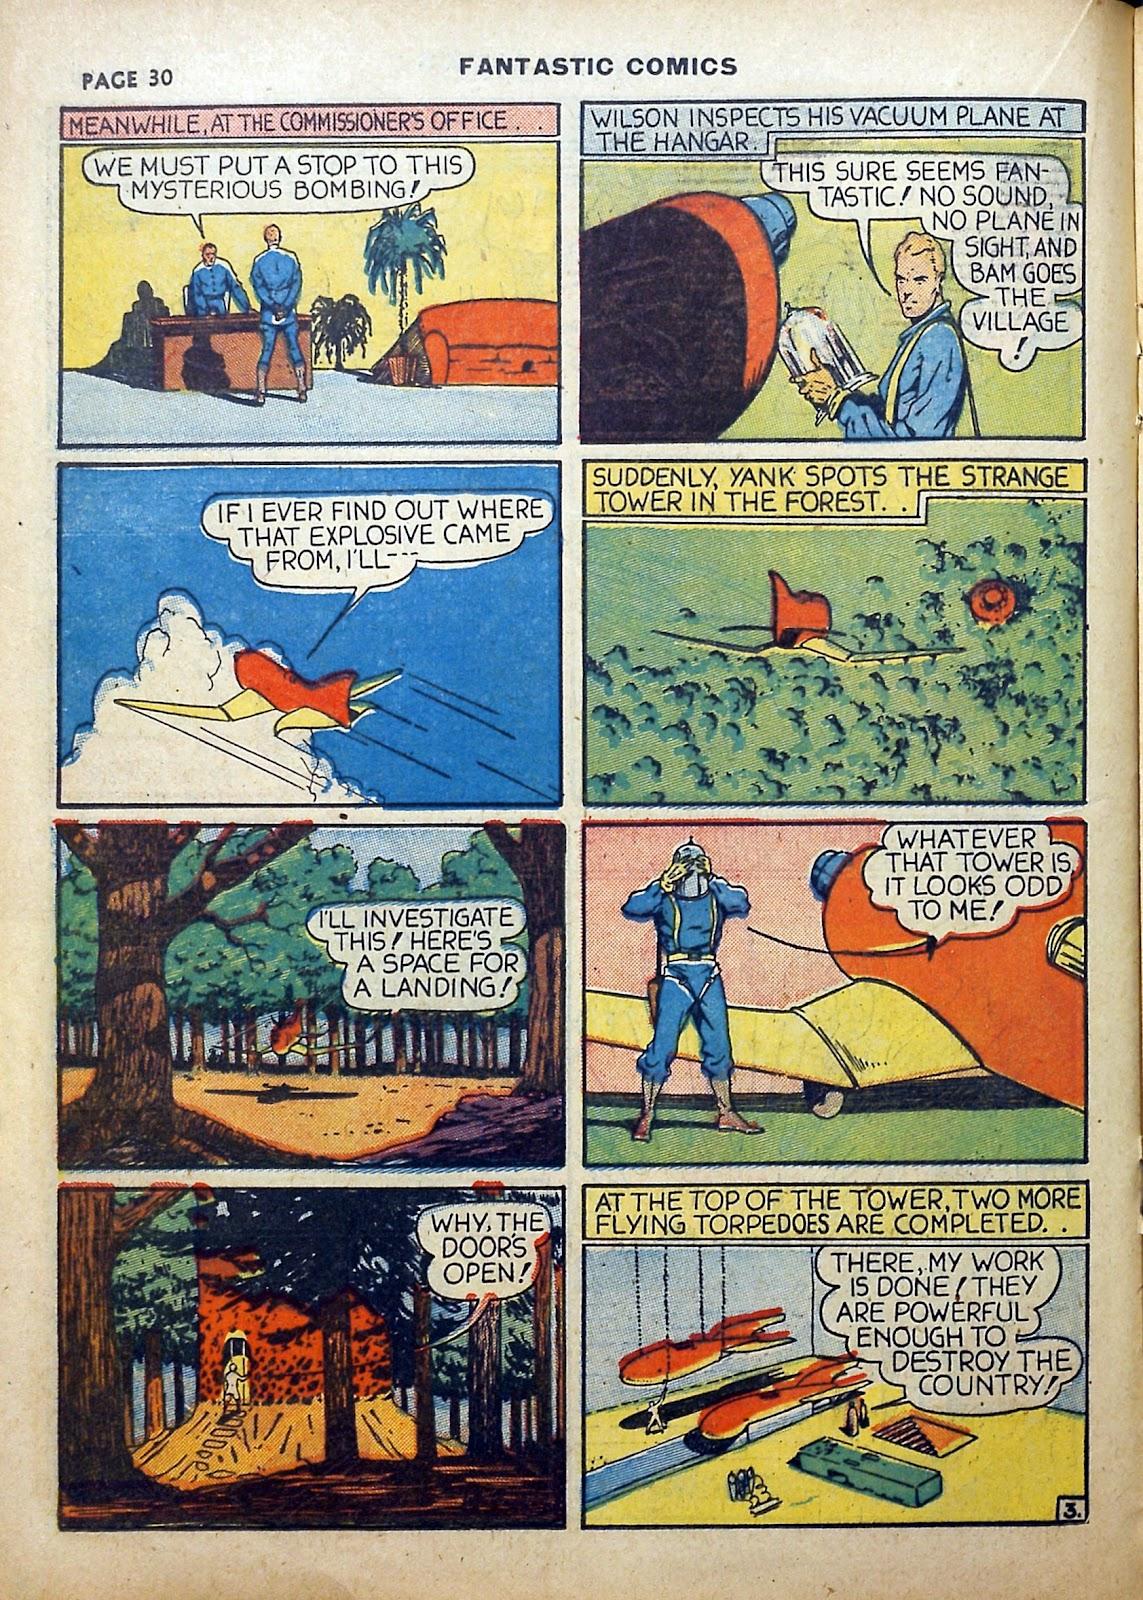 Read online Fantastic Comics comic -  Issue #5 - 31